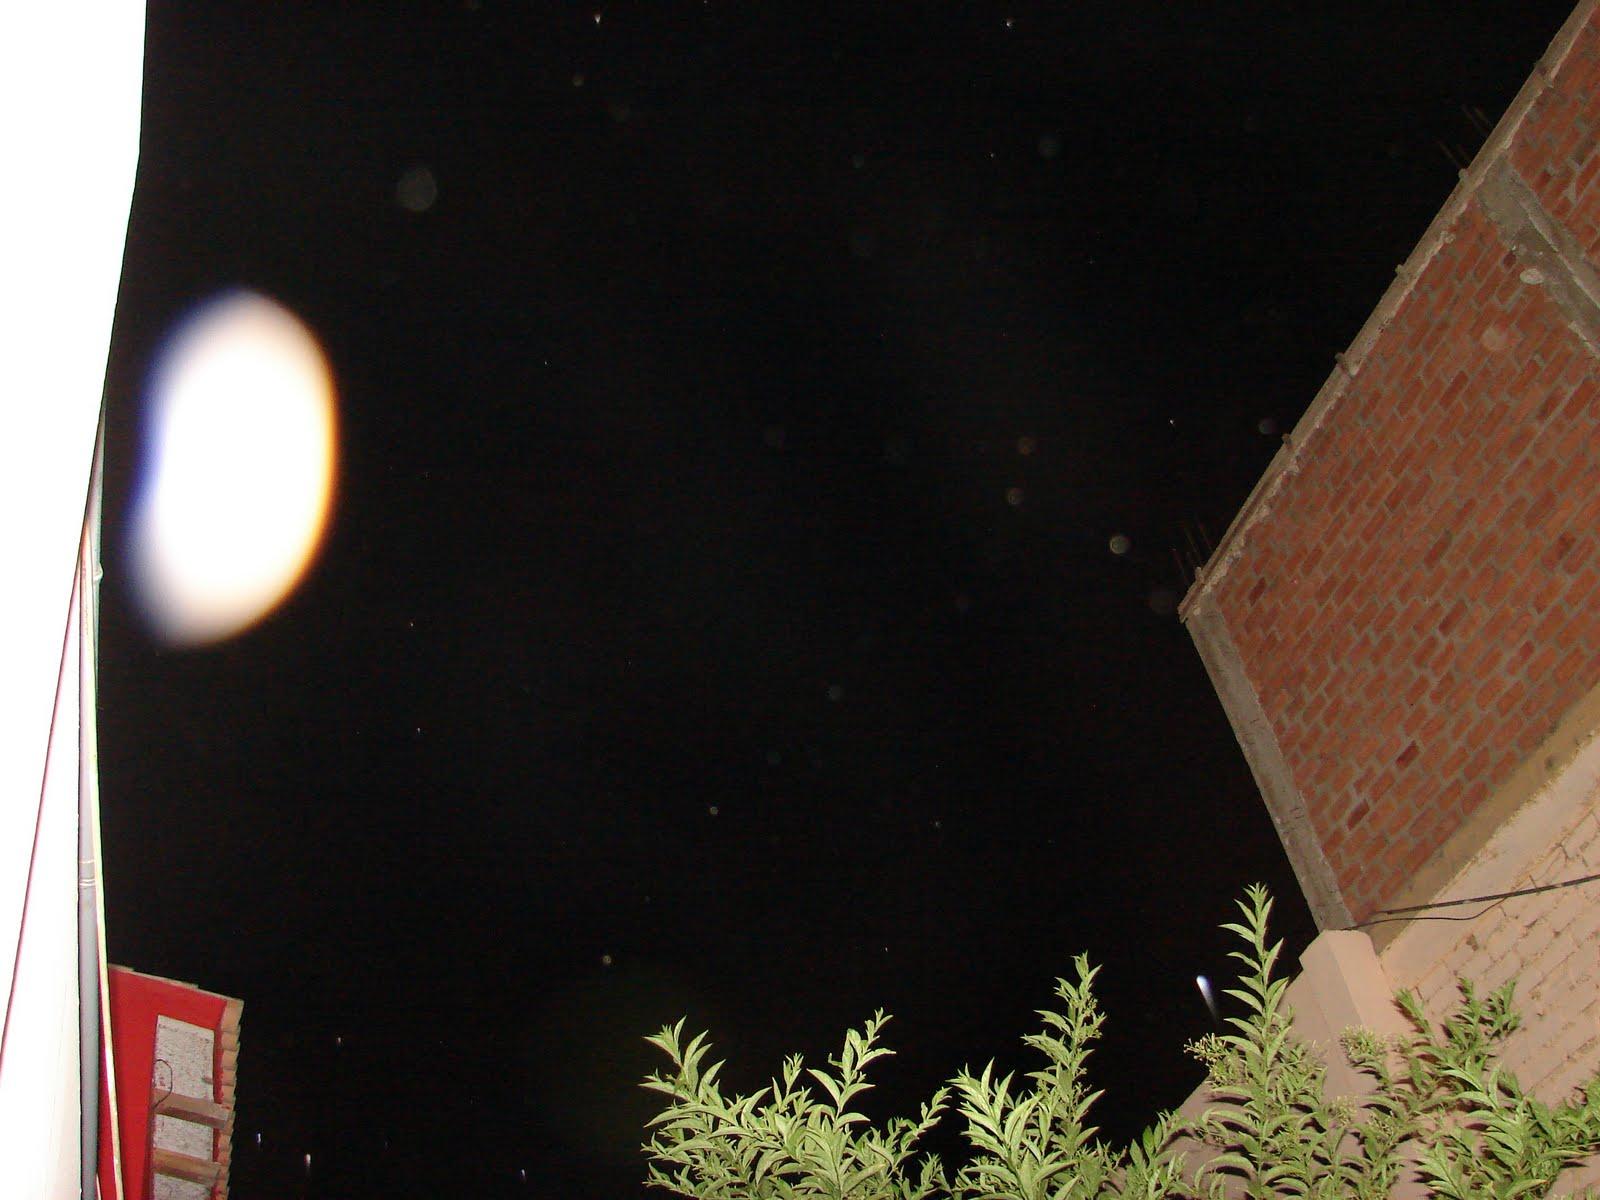 Domingo-13-febrero-14-15-16-17...2011 Espectacular avistamiento Ovi,Ovni a hrs. 1:13.01 am Casa